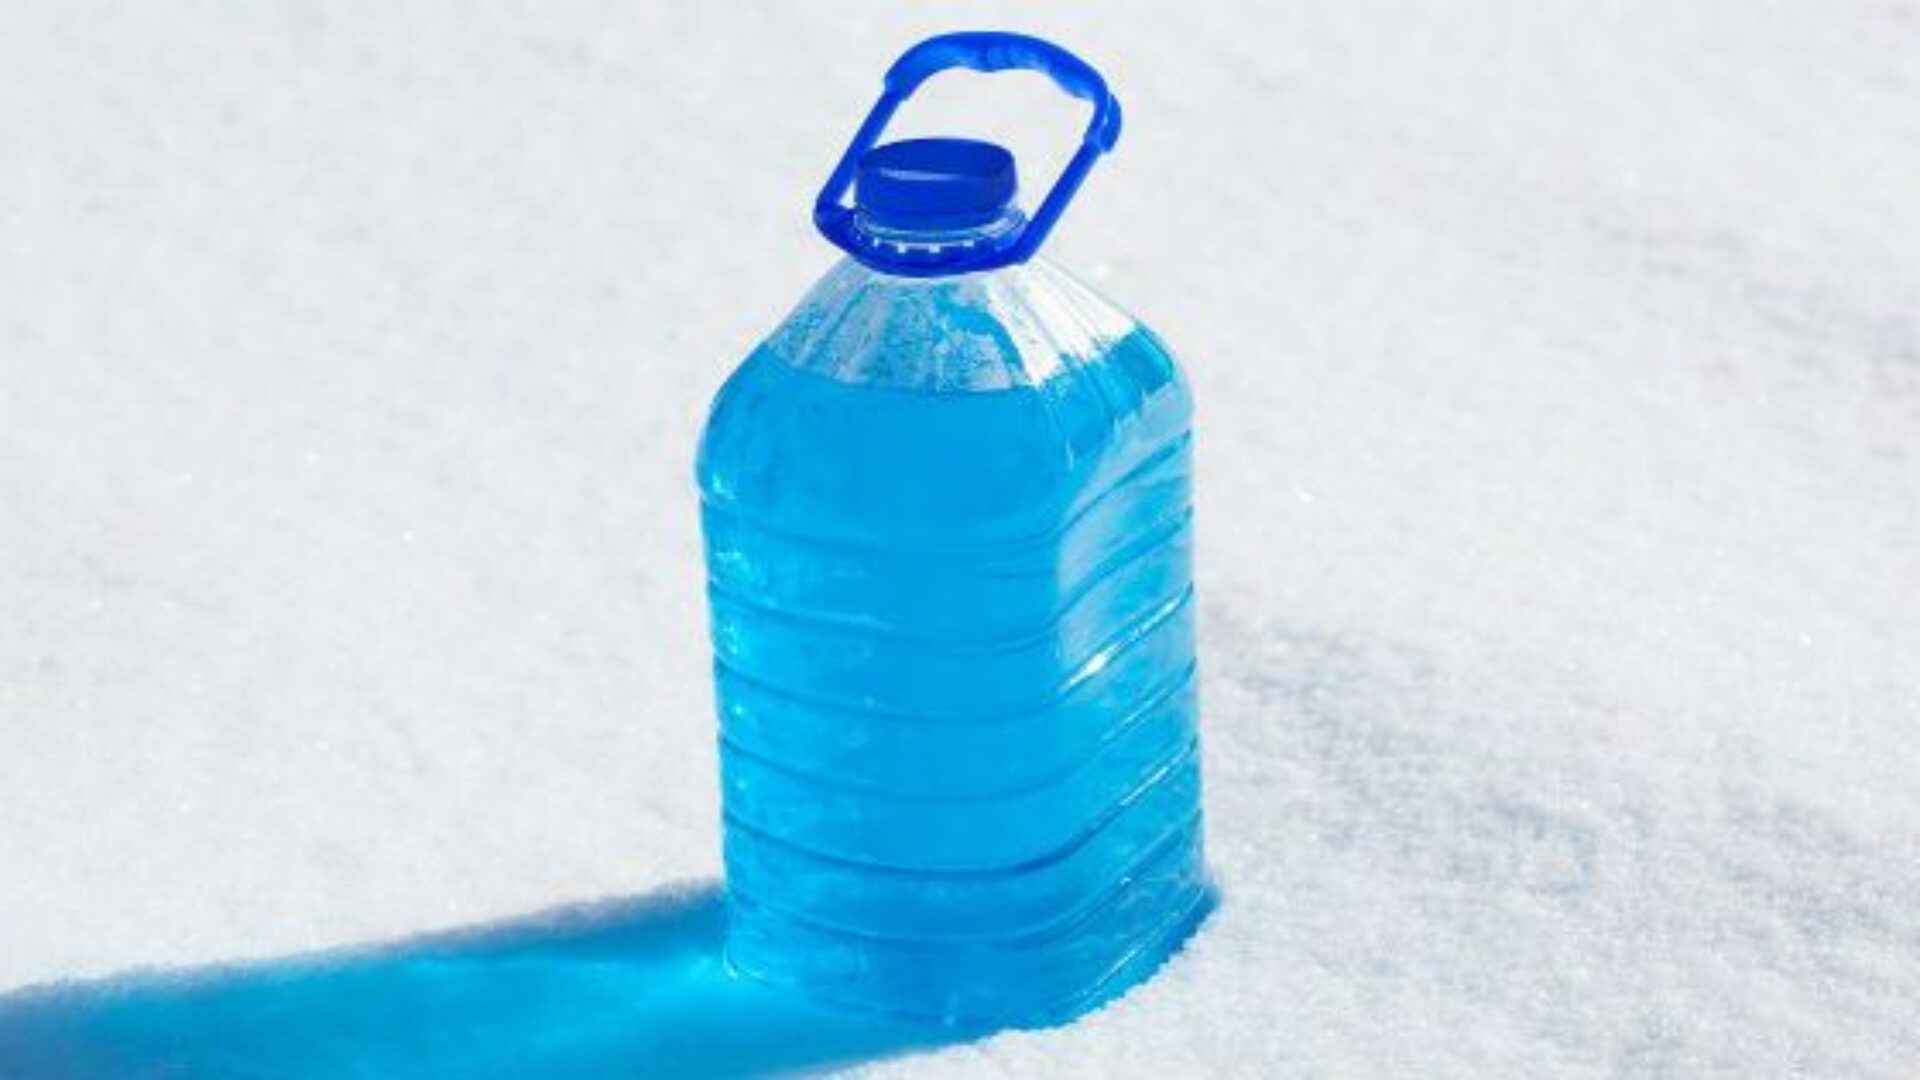 Качественная стеклоомывающая жидкость - надежный помощник в холода